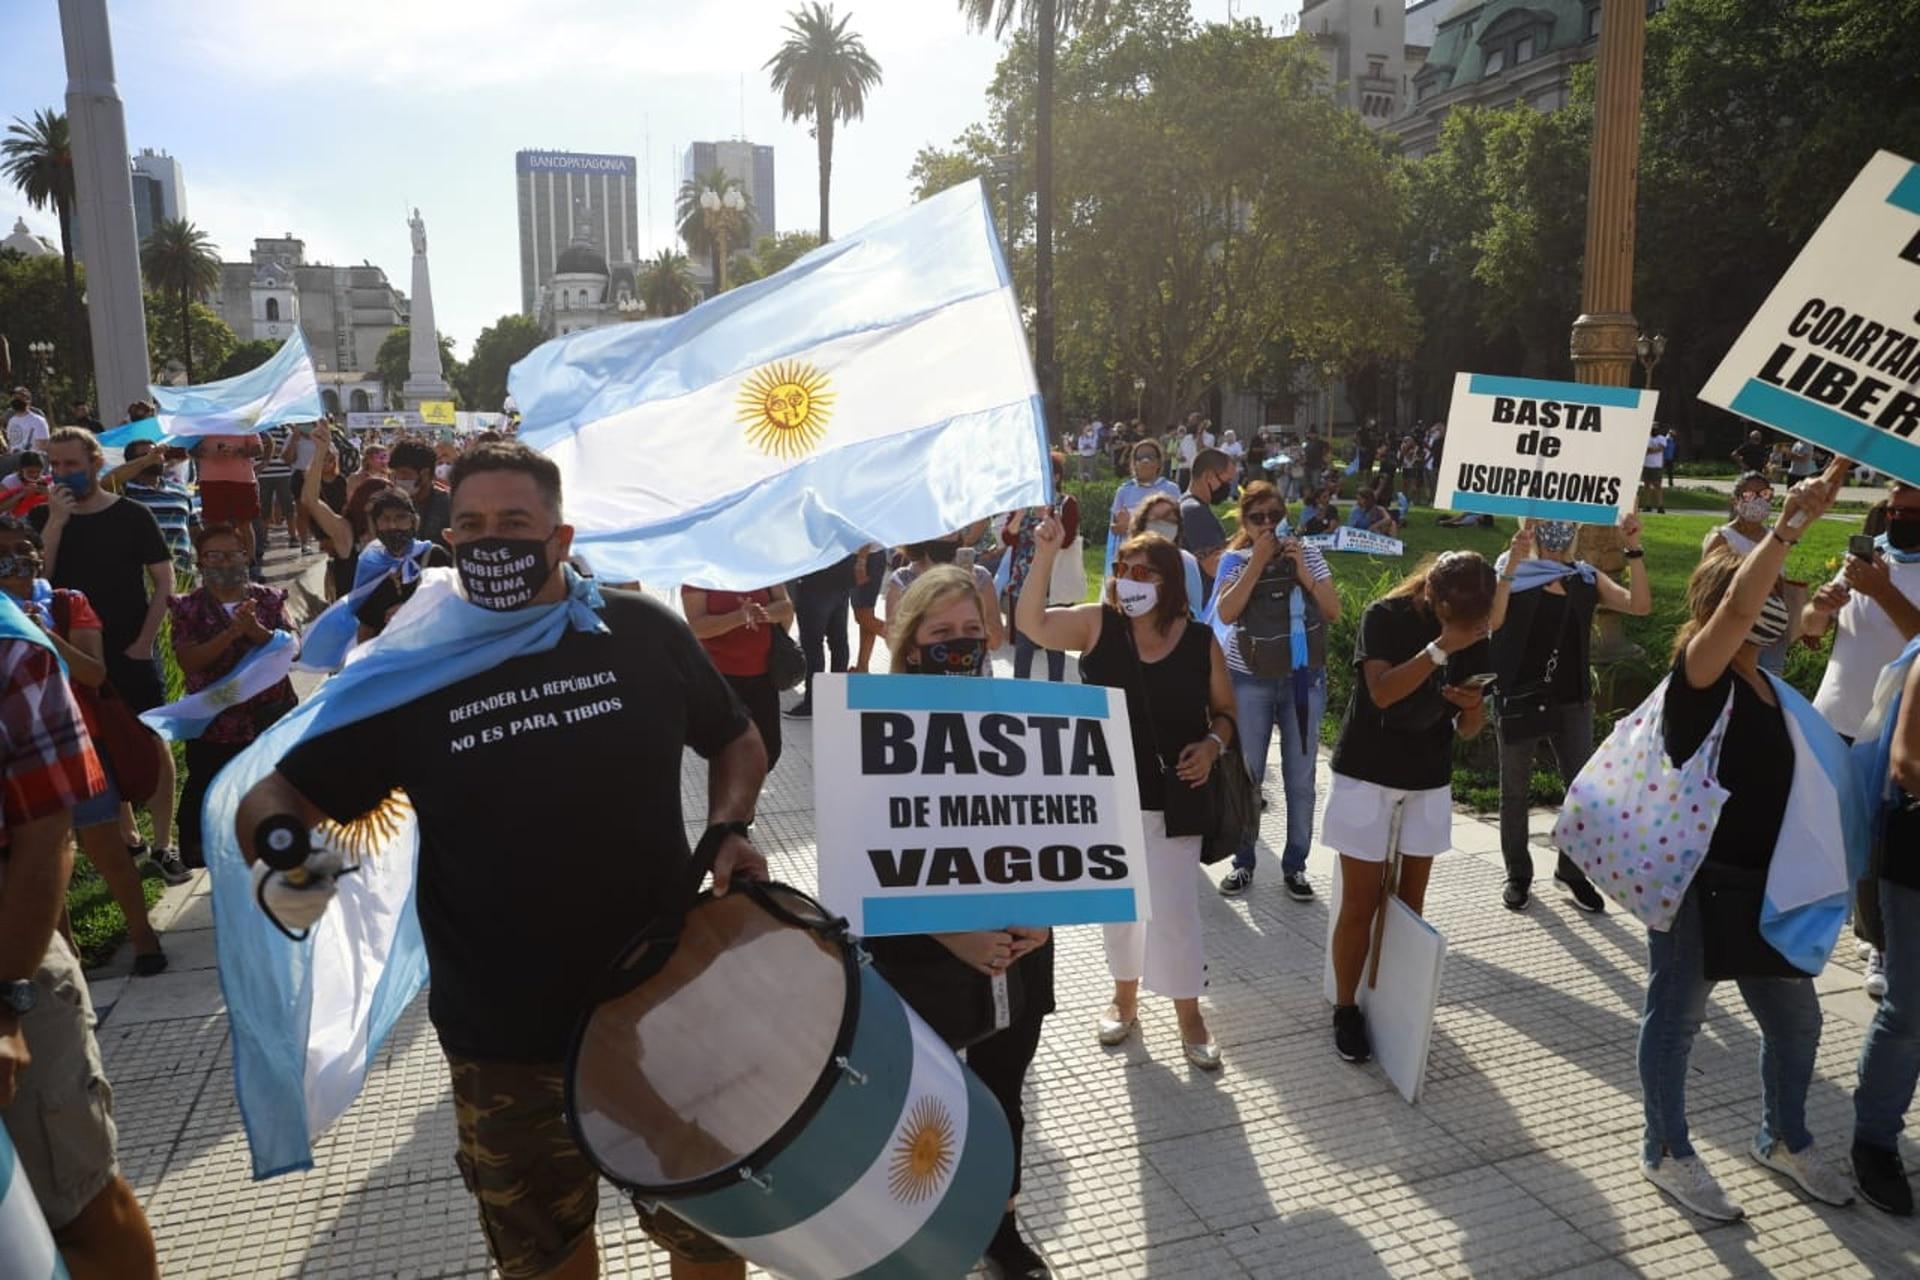 Los manifestantes llegaron frente a la Casa Rosada portando pancartas con distintas consignas